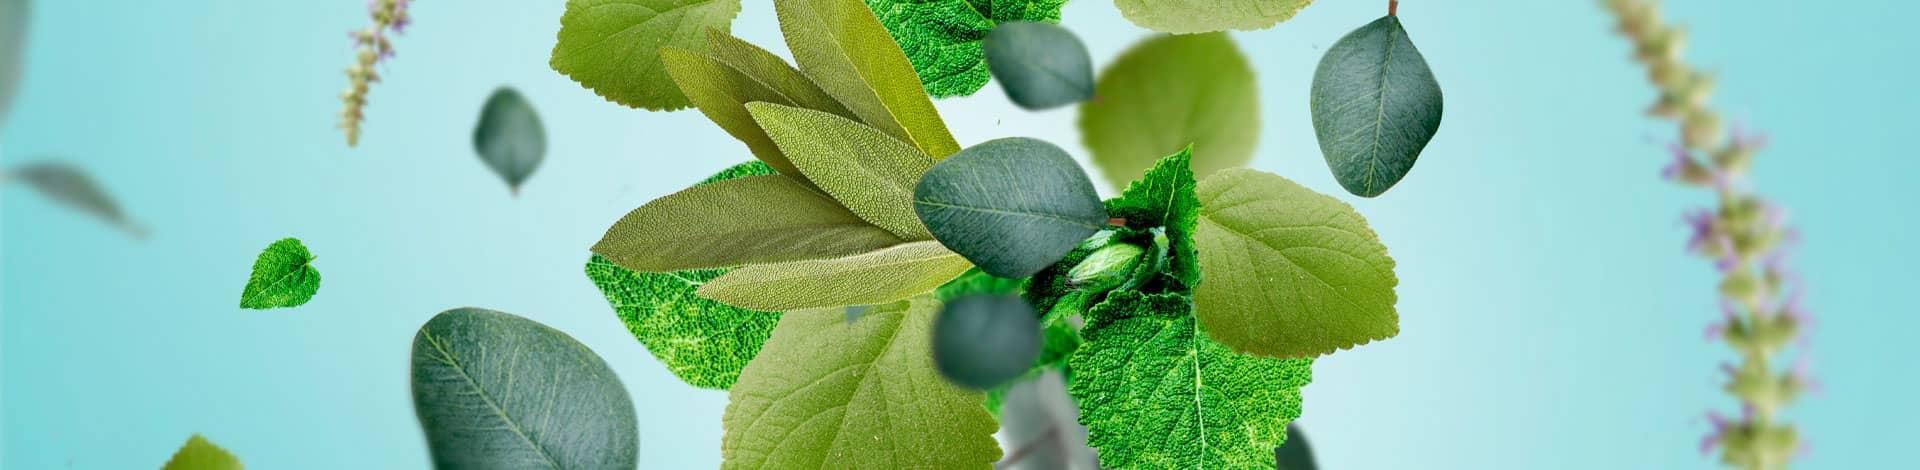 Hojas de Eucalipto frescor aroma fresco